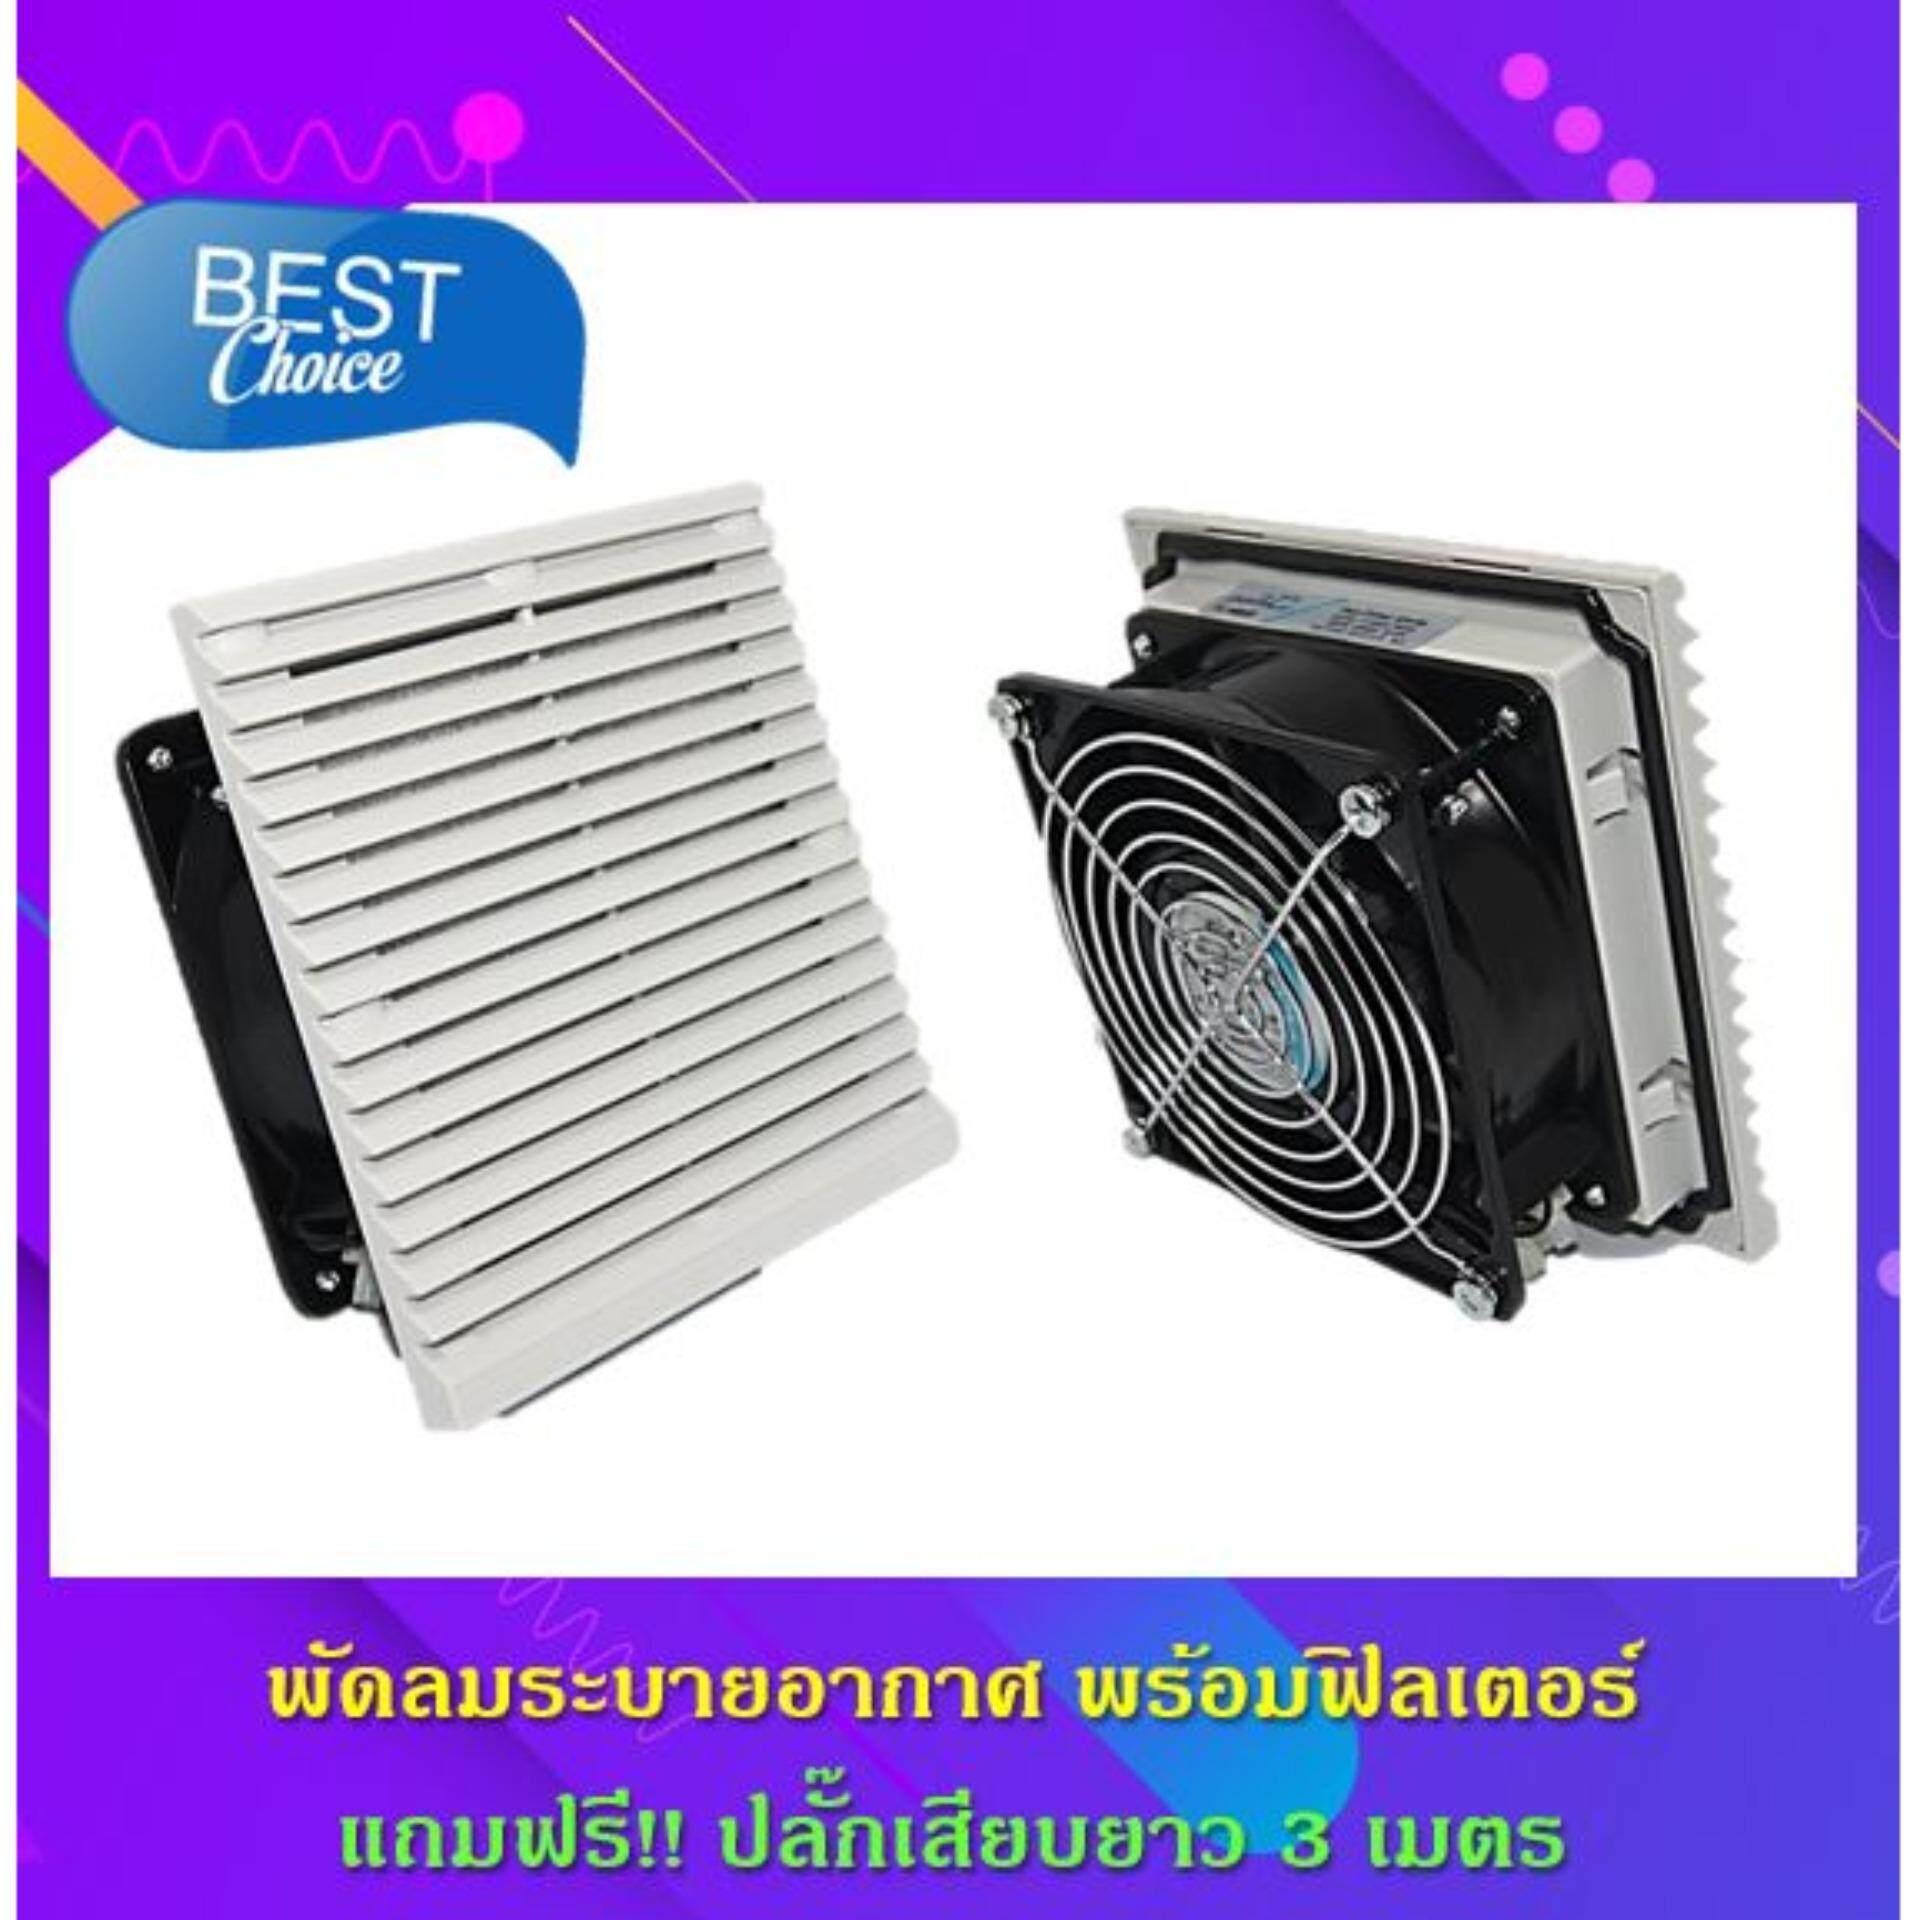 ของดี ราคาถูก!!! พัดลมระบายความร้อน 220-240v  ขนาด 6 นิ้ว พร้อมฟิวเตอร์ มีปลั๊กไฟยาว 1.5 เมตร เสียบใช้งานได้ทันที.